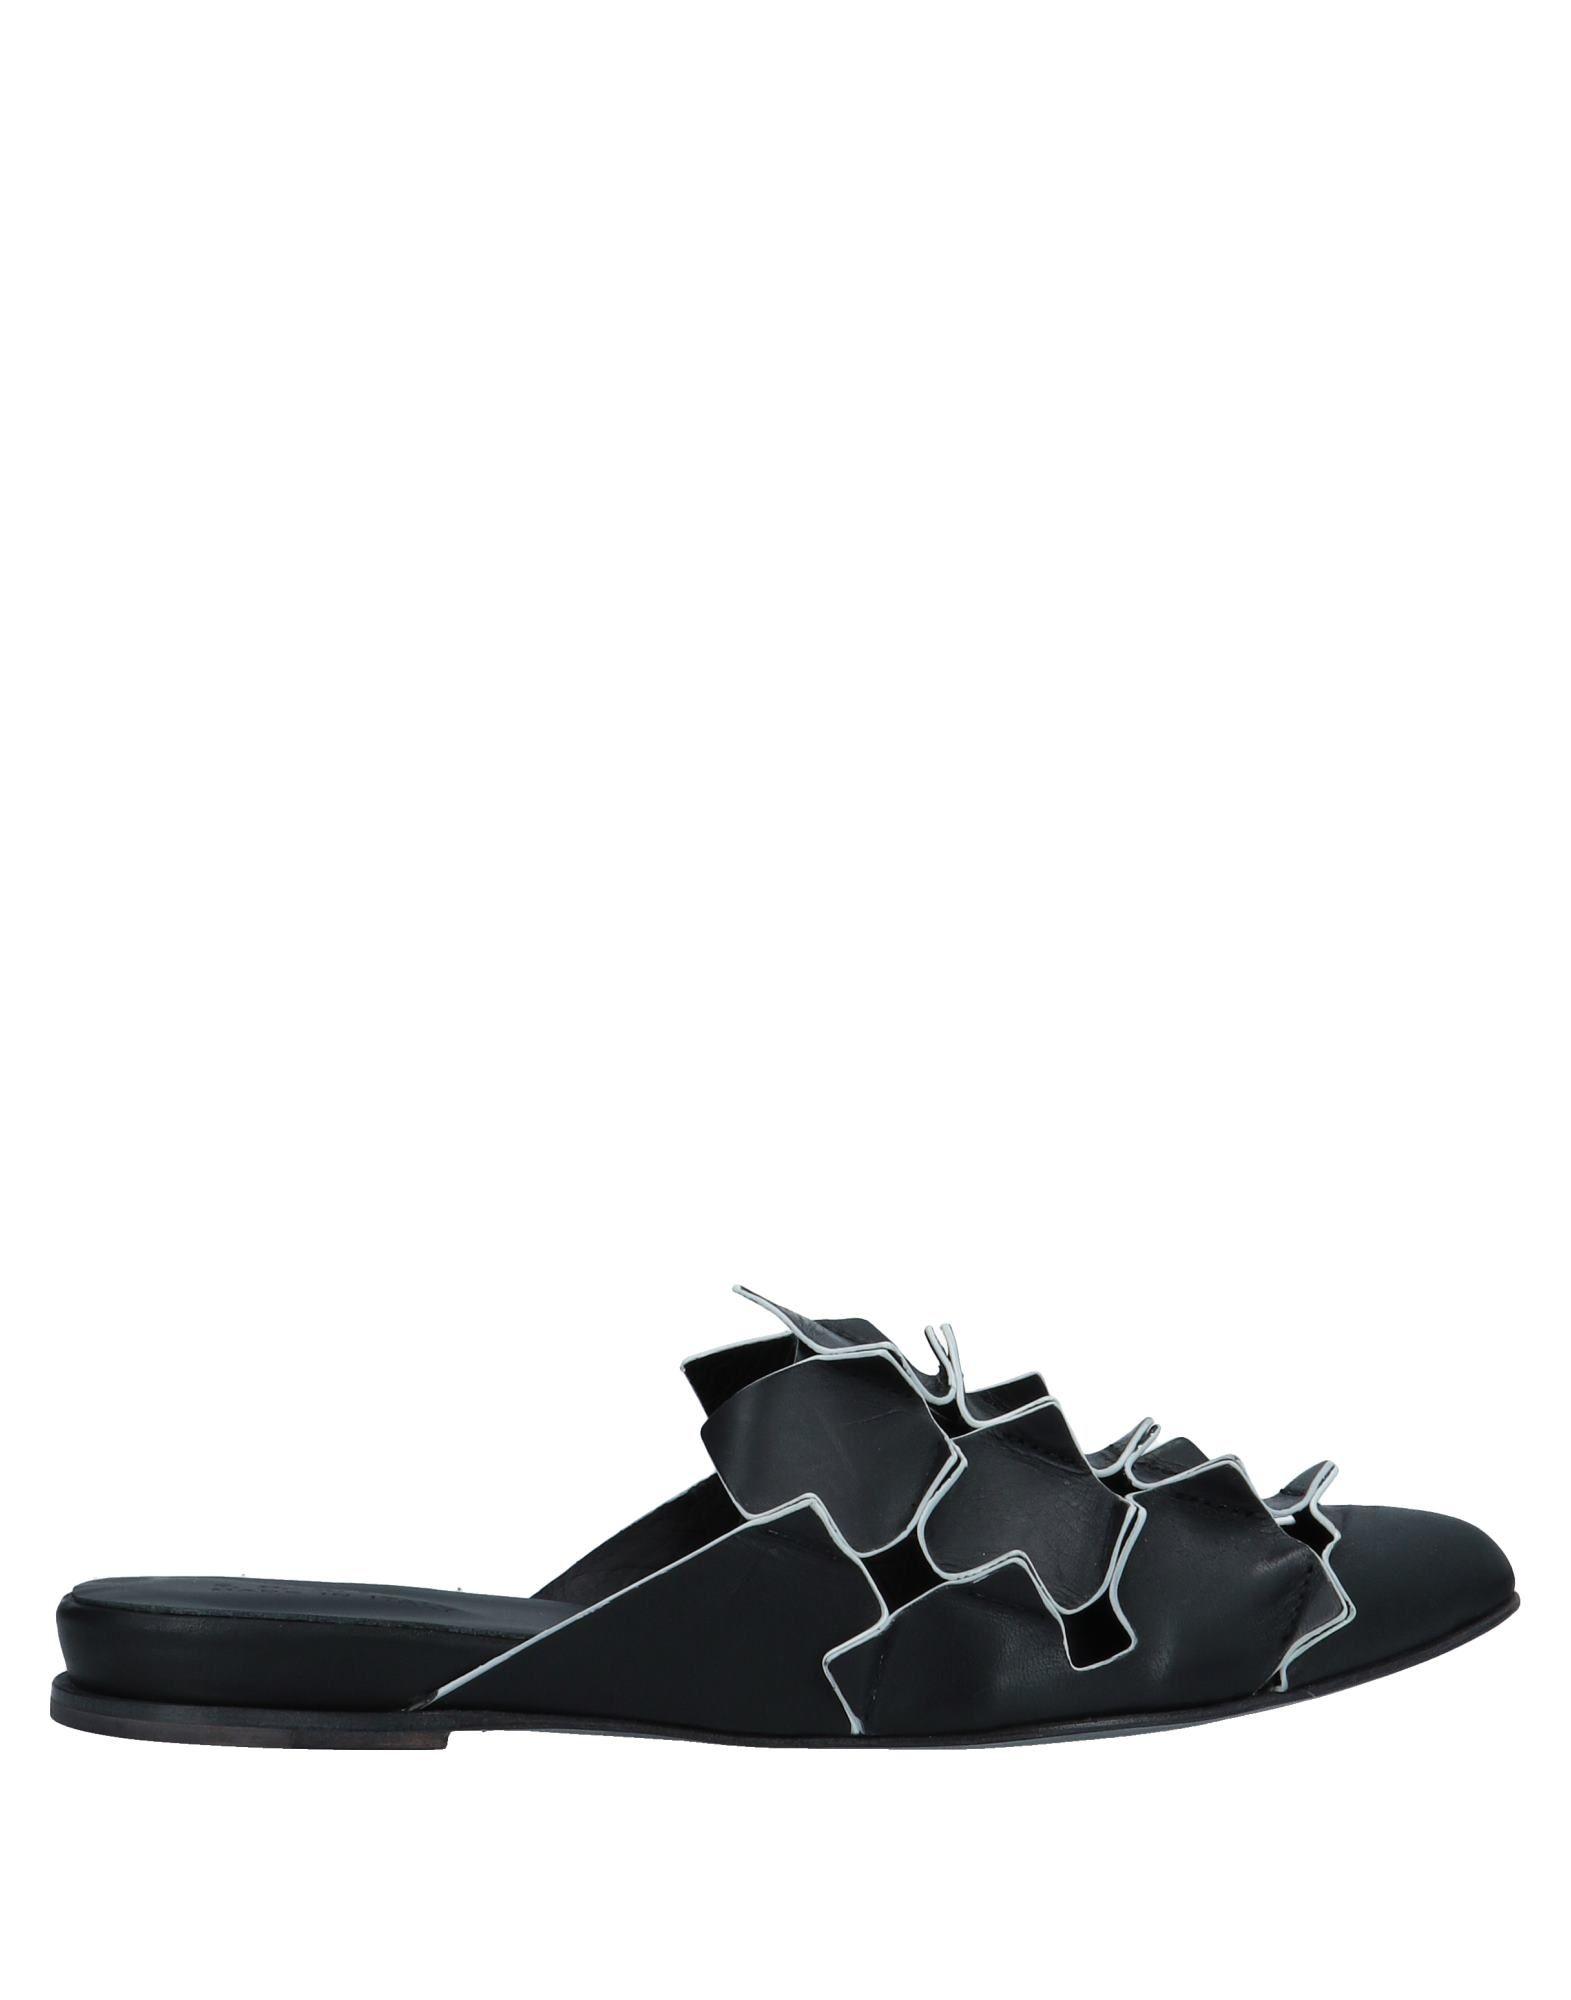 《送料無料》I.N.K. Shoes レディース ミュールサボ ブラック 39 革